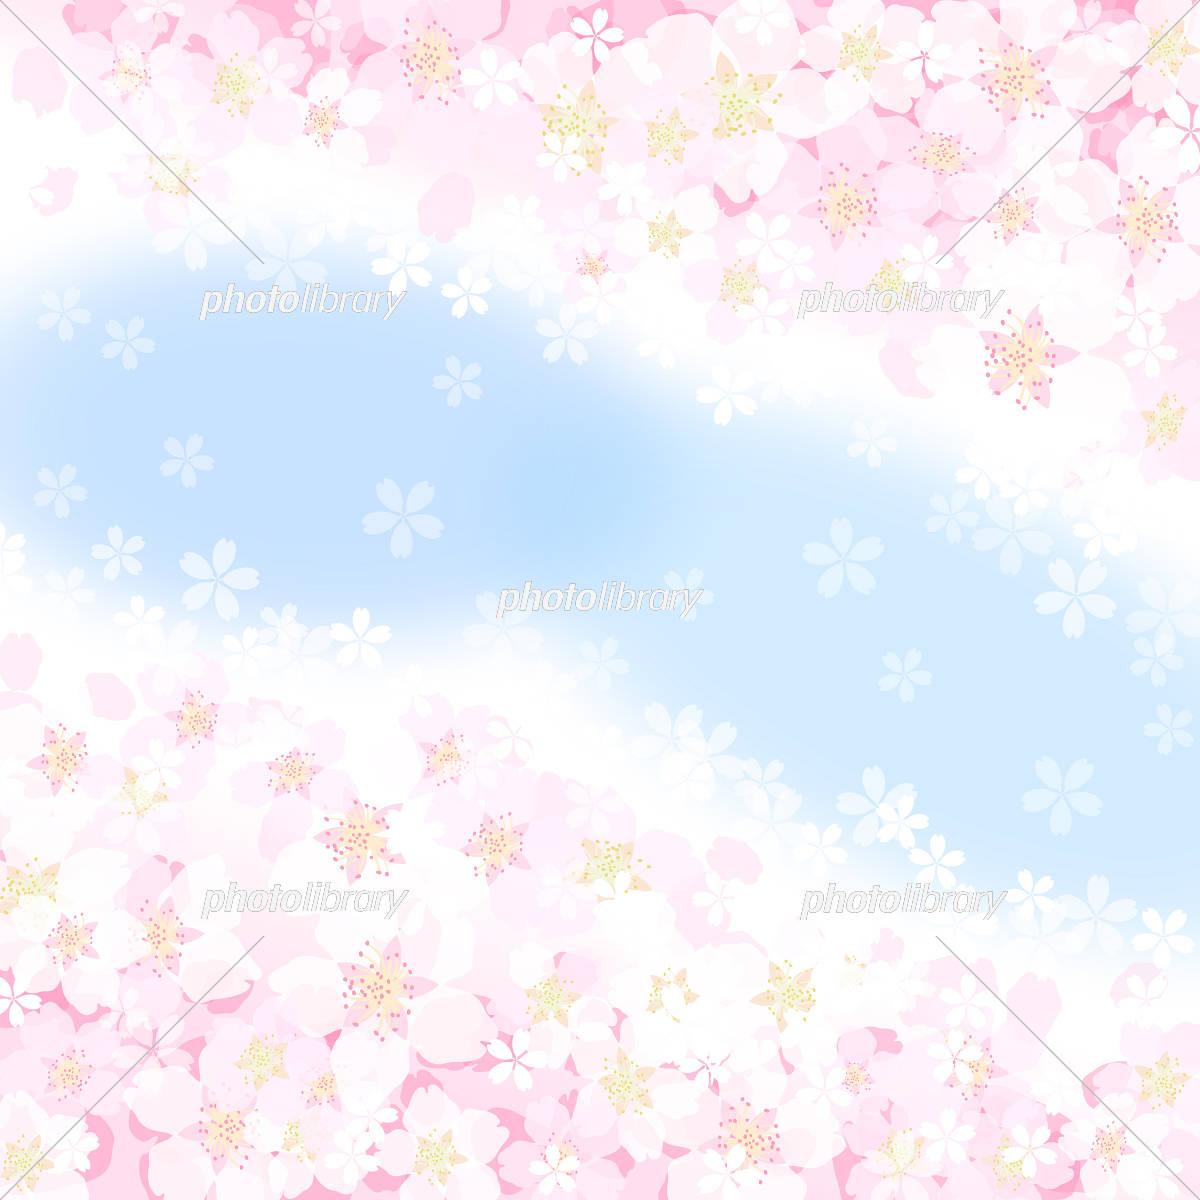 桜 青空 背景 イラスト素材 [ 5482933 ] - フォトライブラリー photolibrary